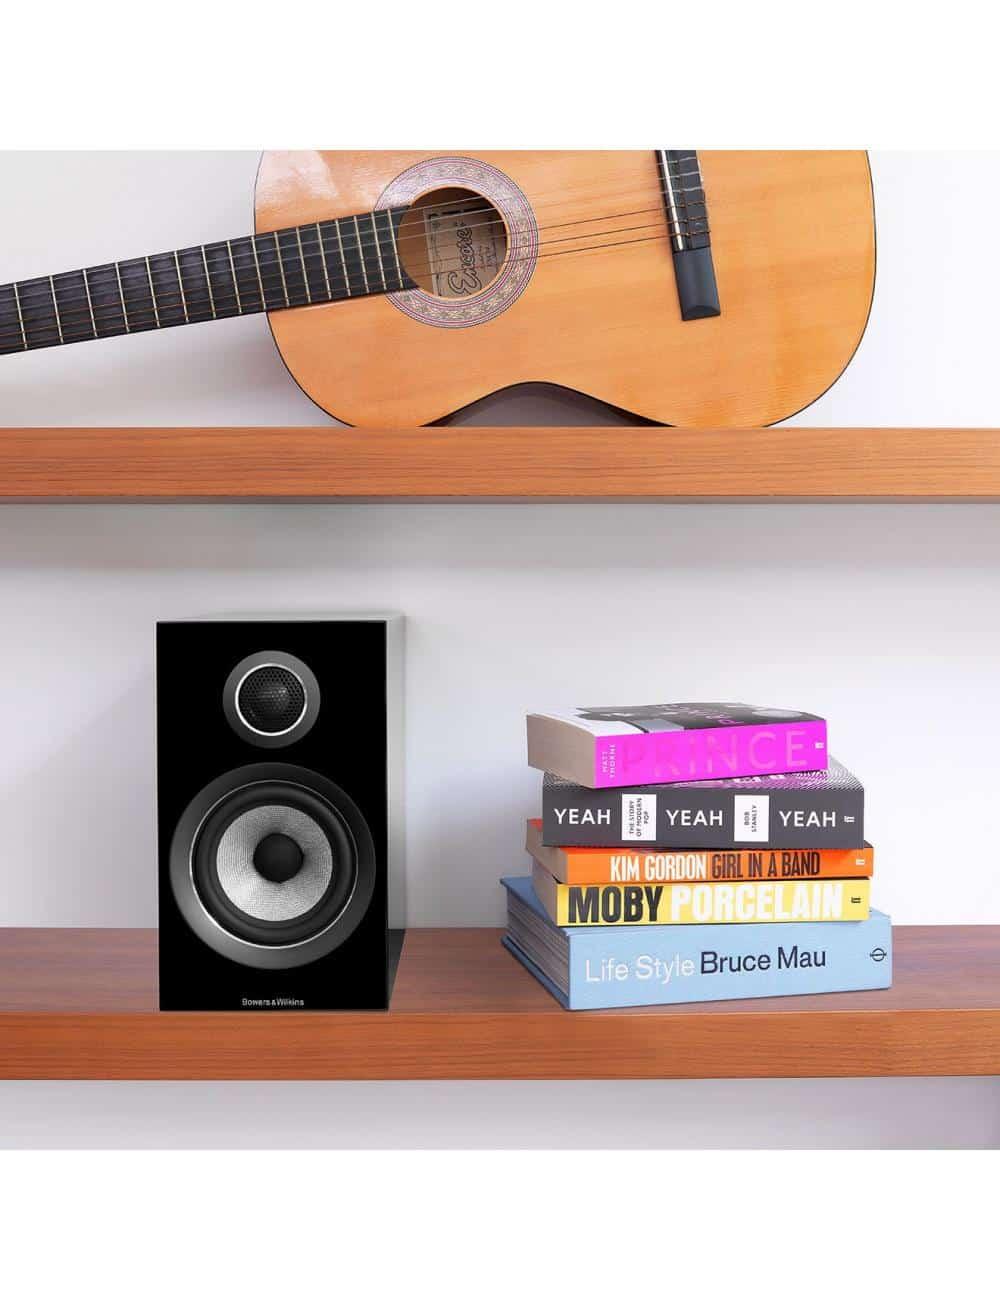 diffusori acustici da stand per hifi e home theater, Bowers & Wilkins 707, finitura nero lucido, in ambiente